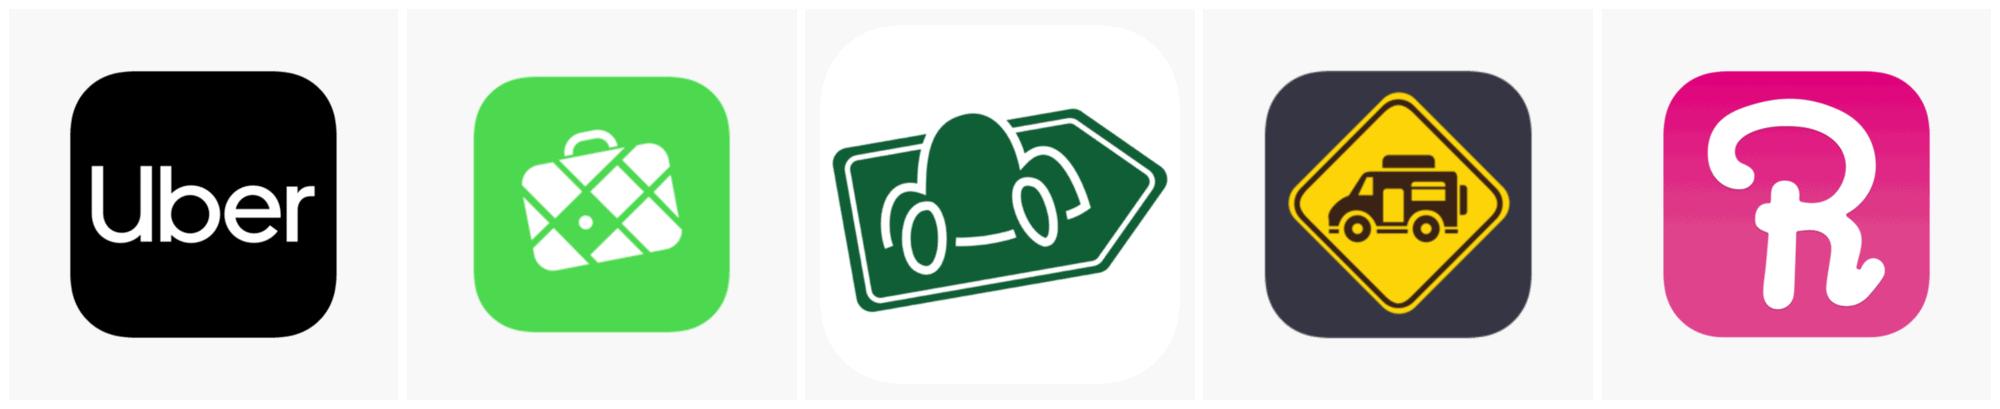 die besten reiseapps, apps für unterwegs